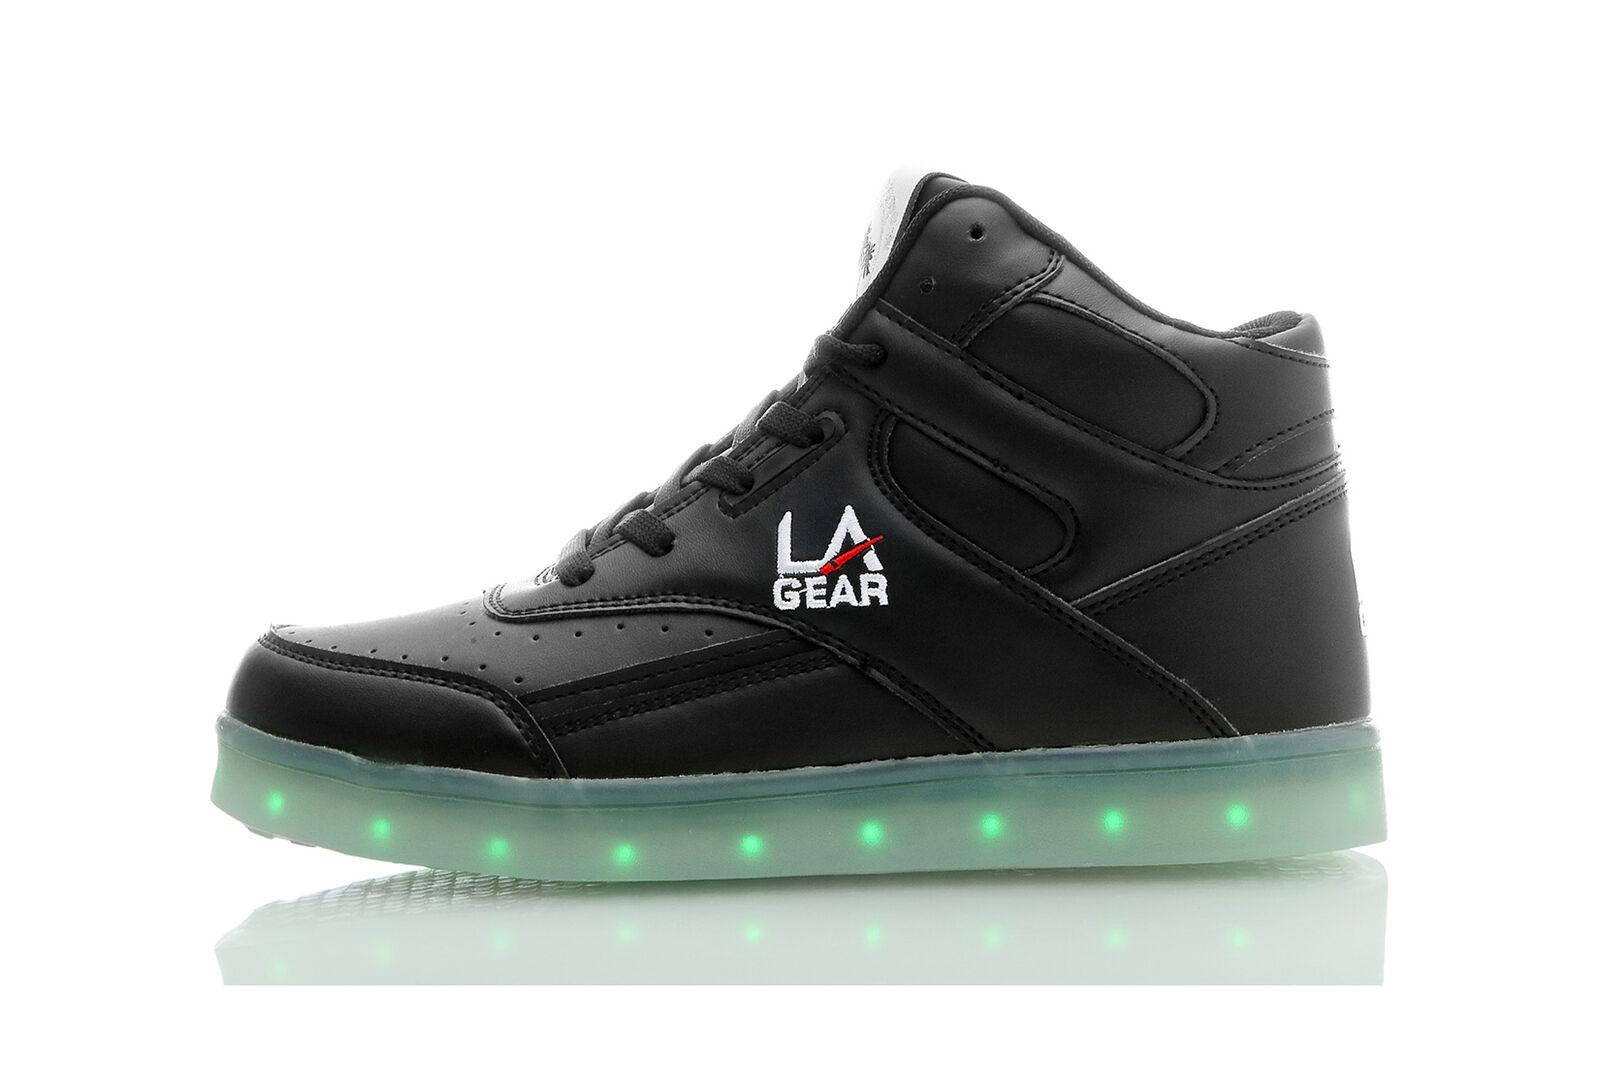 LA Gear FLO LIGHTS Damen Turnschuhe Schuhe LED-Beleuchtung mit 11 Programmen